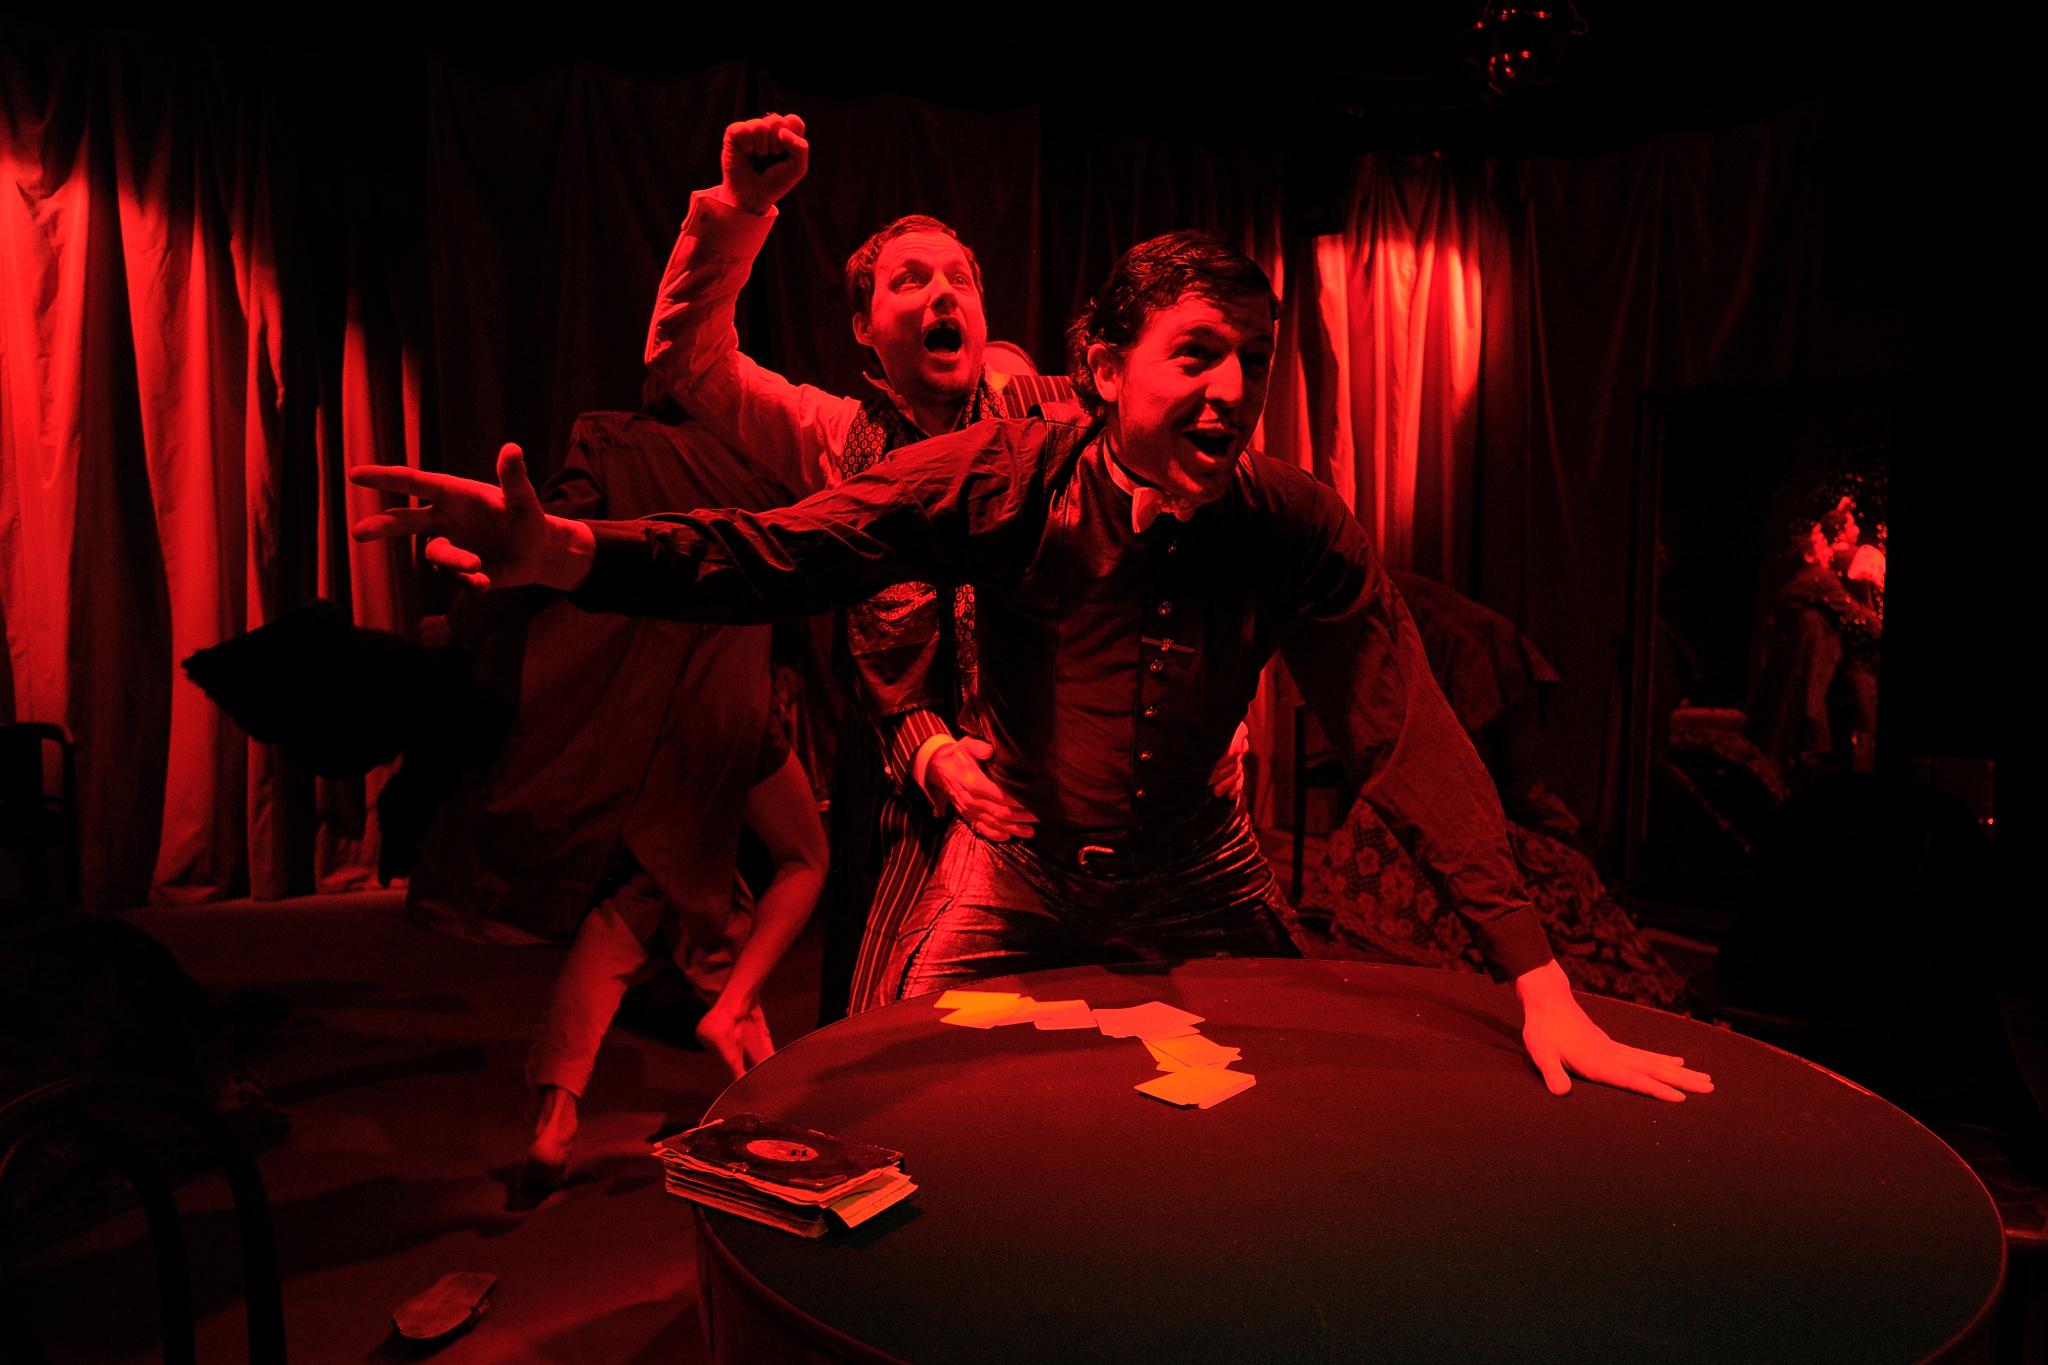 Divadelní fotograf Roman Polášek: Divadlo musíte mít pod kůží